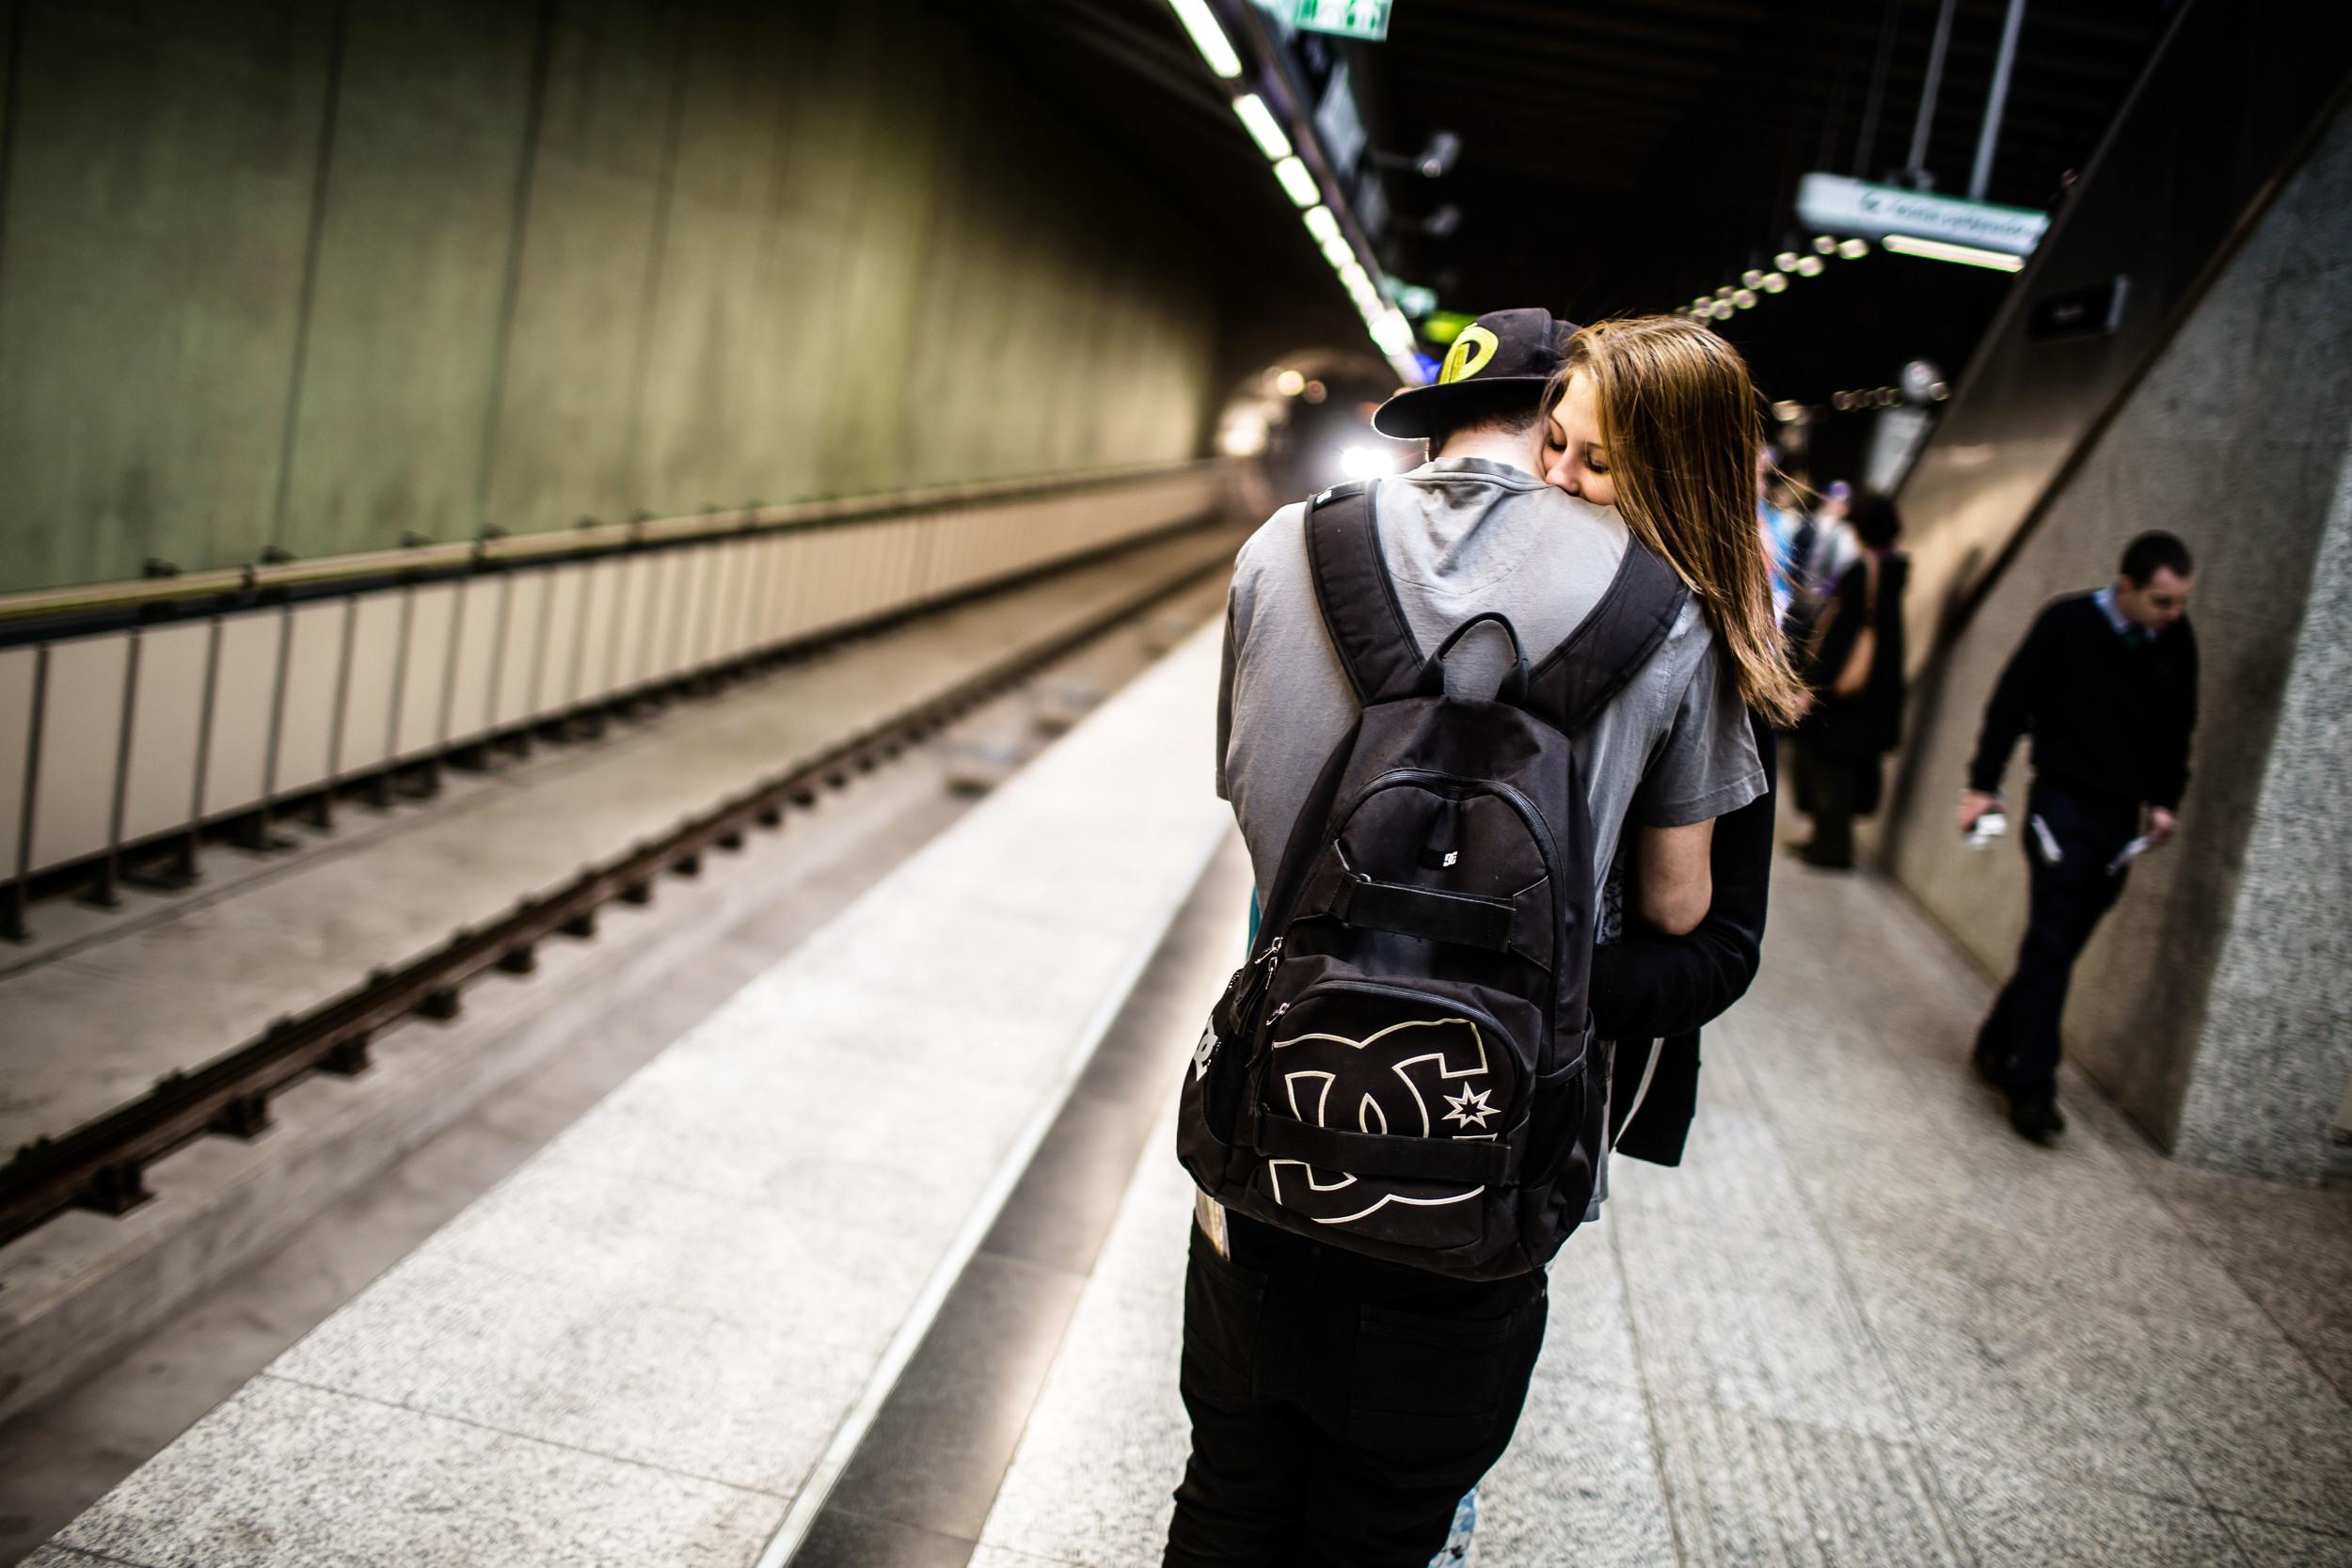 Több mint harmincöt évet kellett várni arra, hogy önálló metróvonalat avassanak Budapesten. A hetvenes évek óta tervezték már, de csak mostanra lett valóságos.